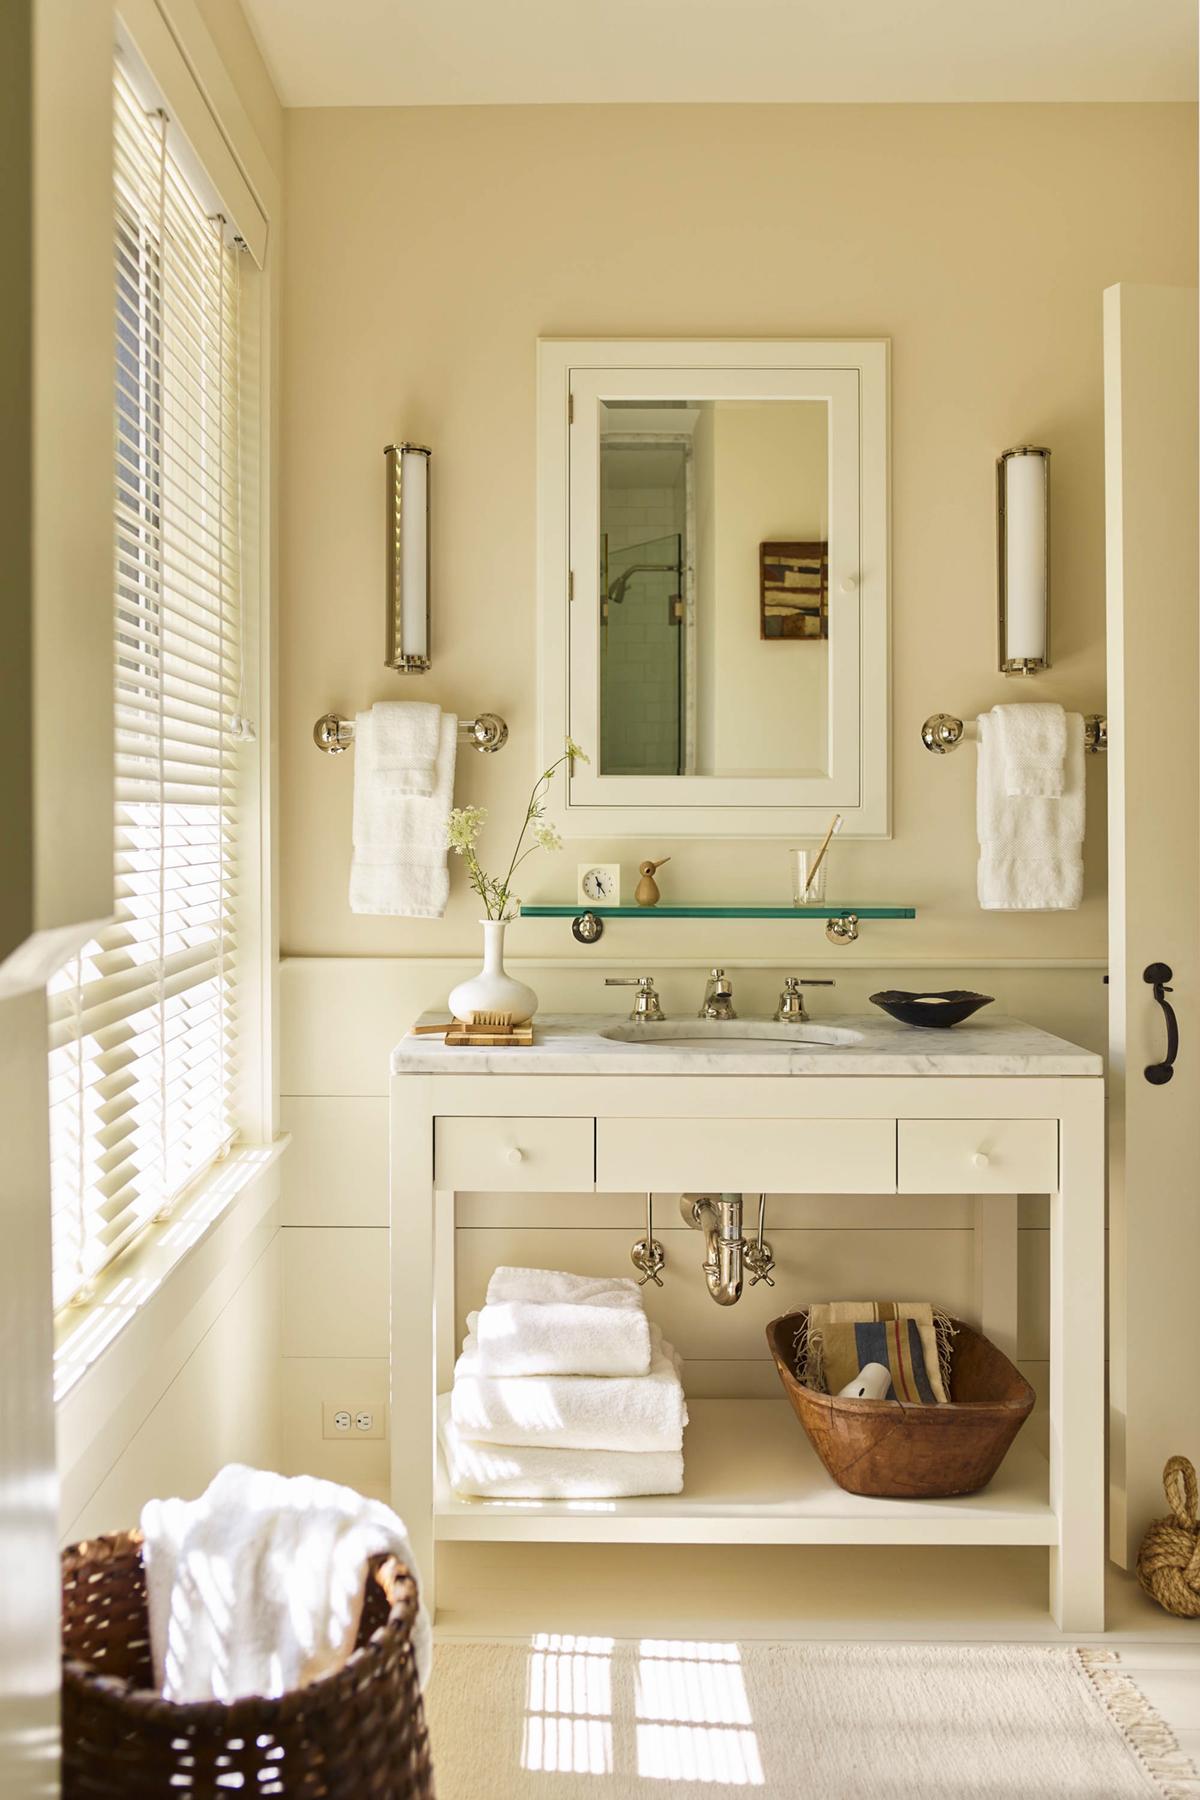 une salle de bain classique dans cette visite de maison de bord de mer | Coco Kelley